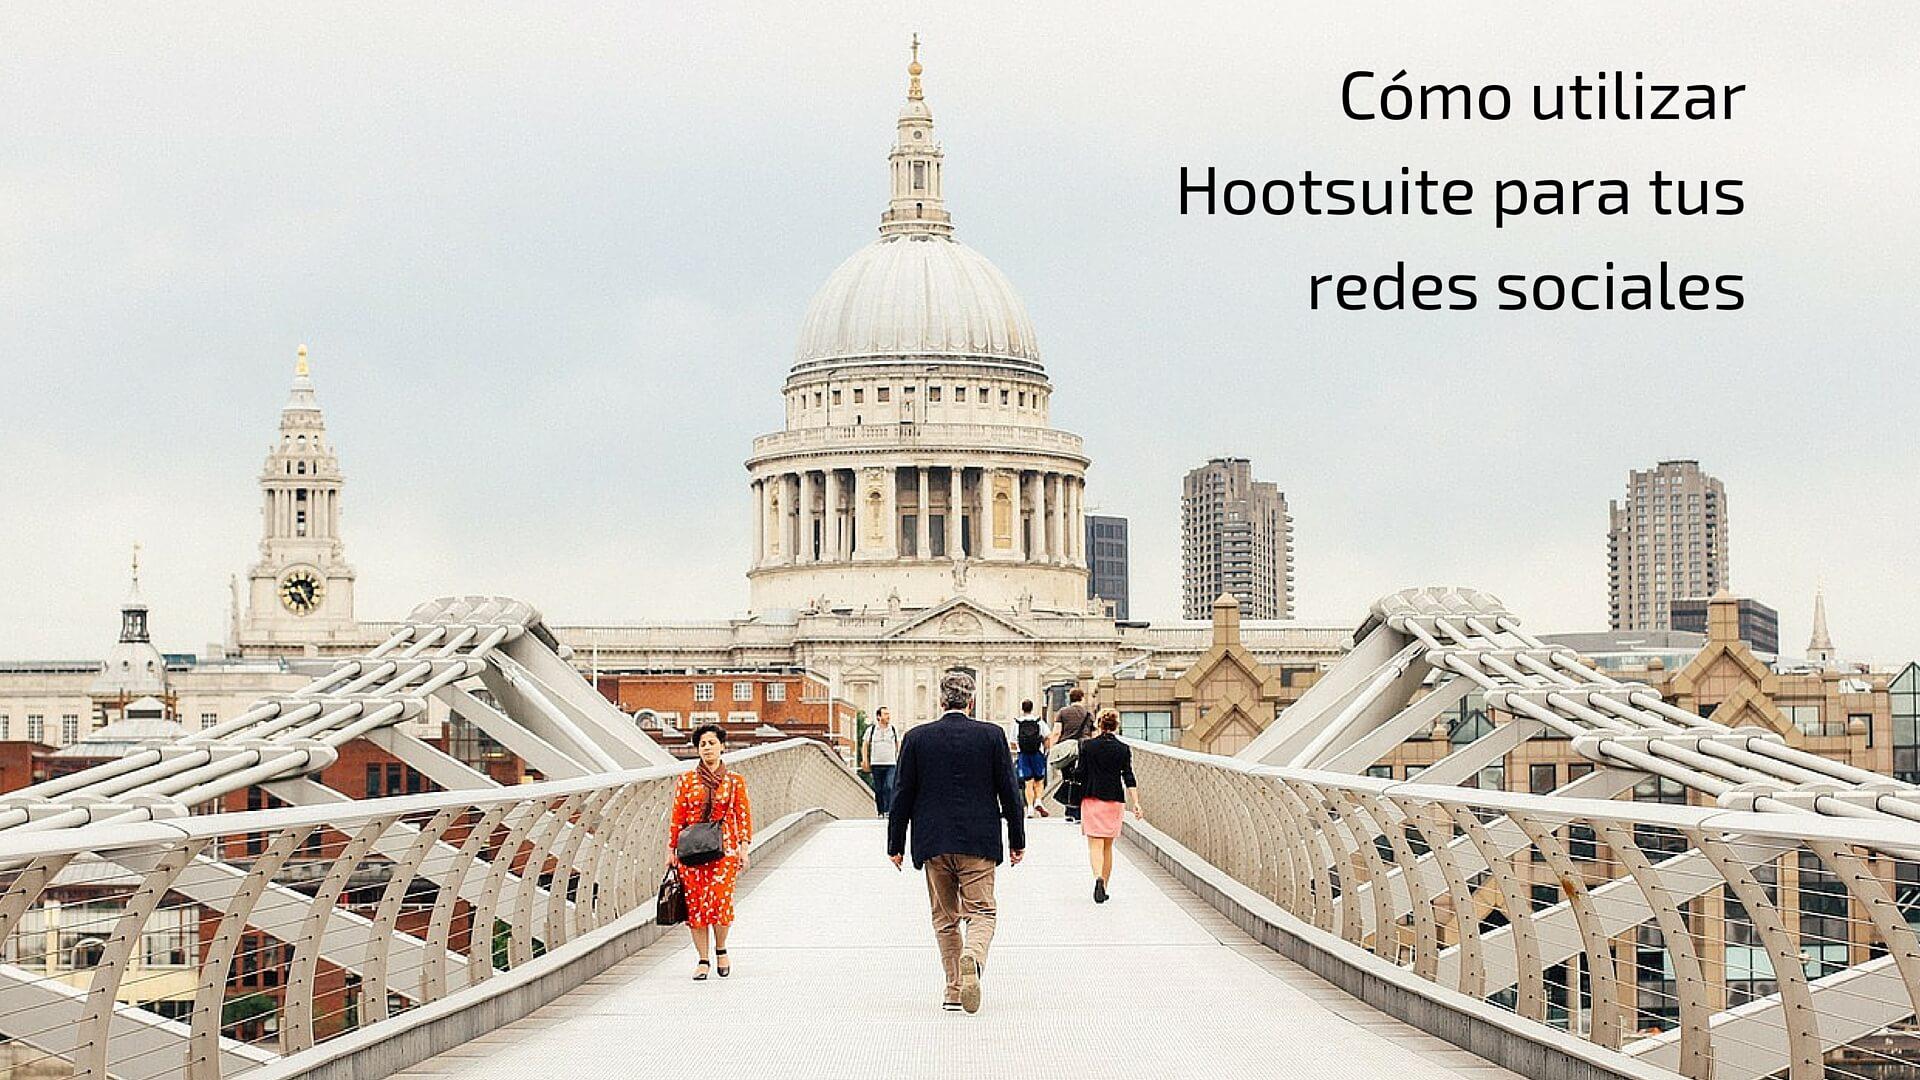 Cómo utilizar Hootsuite para tus redes sociales